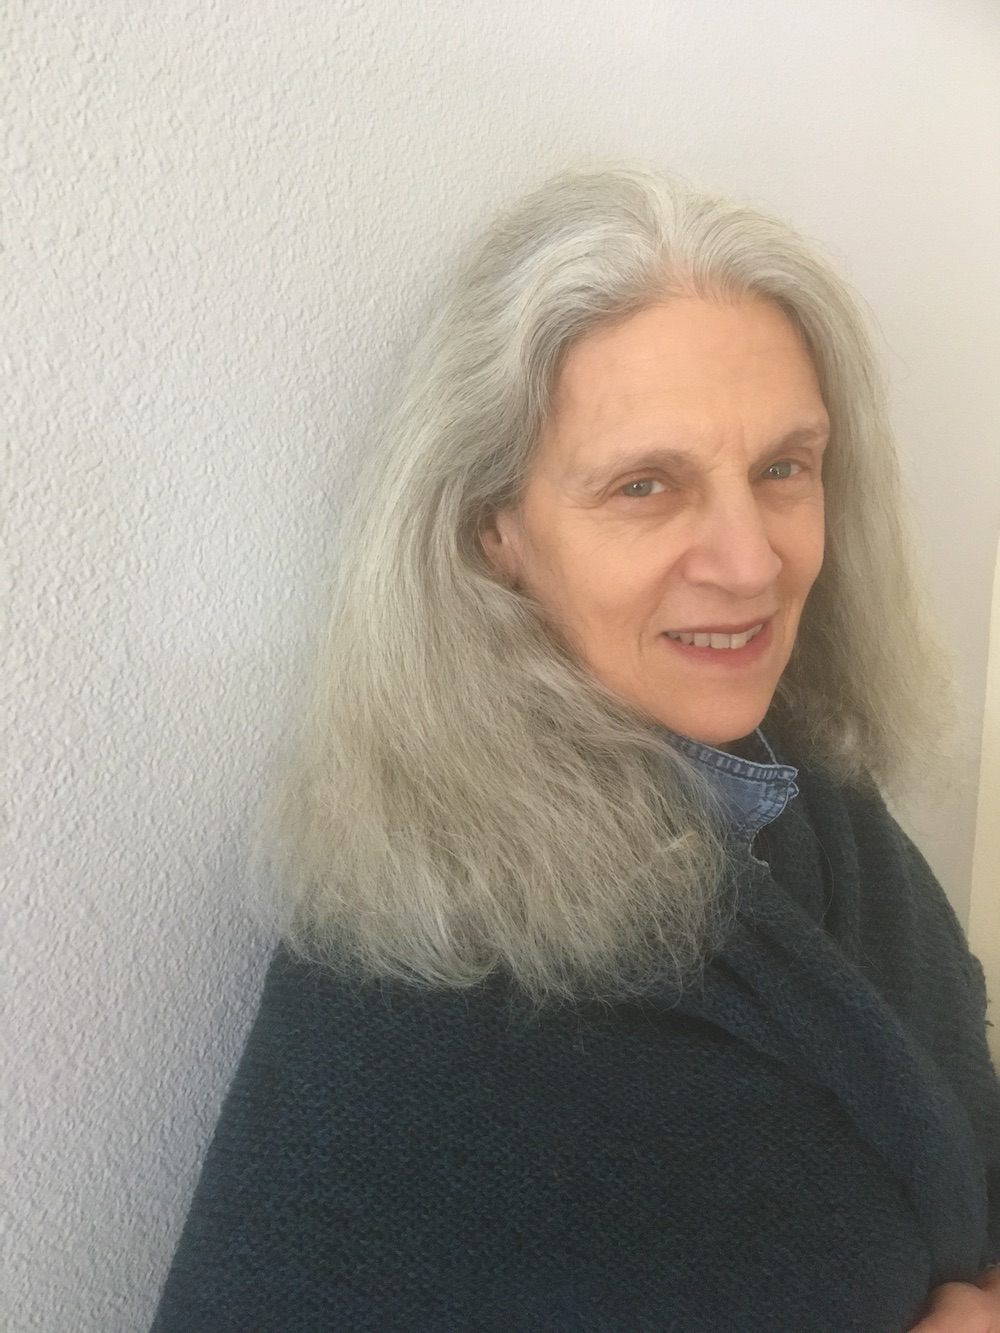 Gorlin Deborah